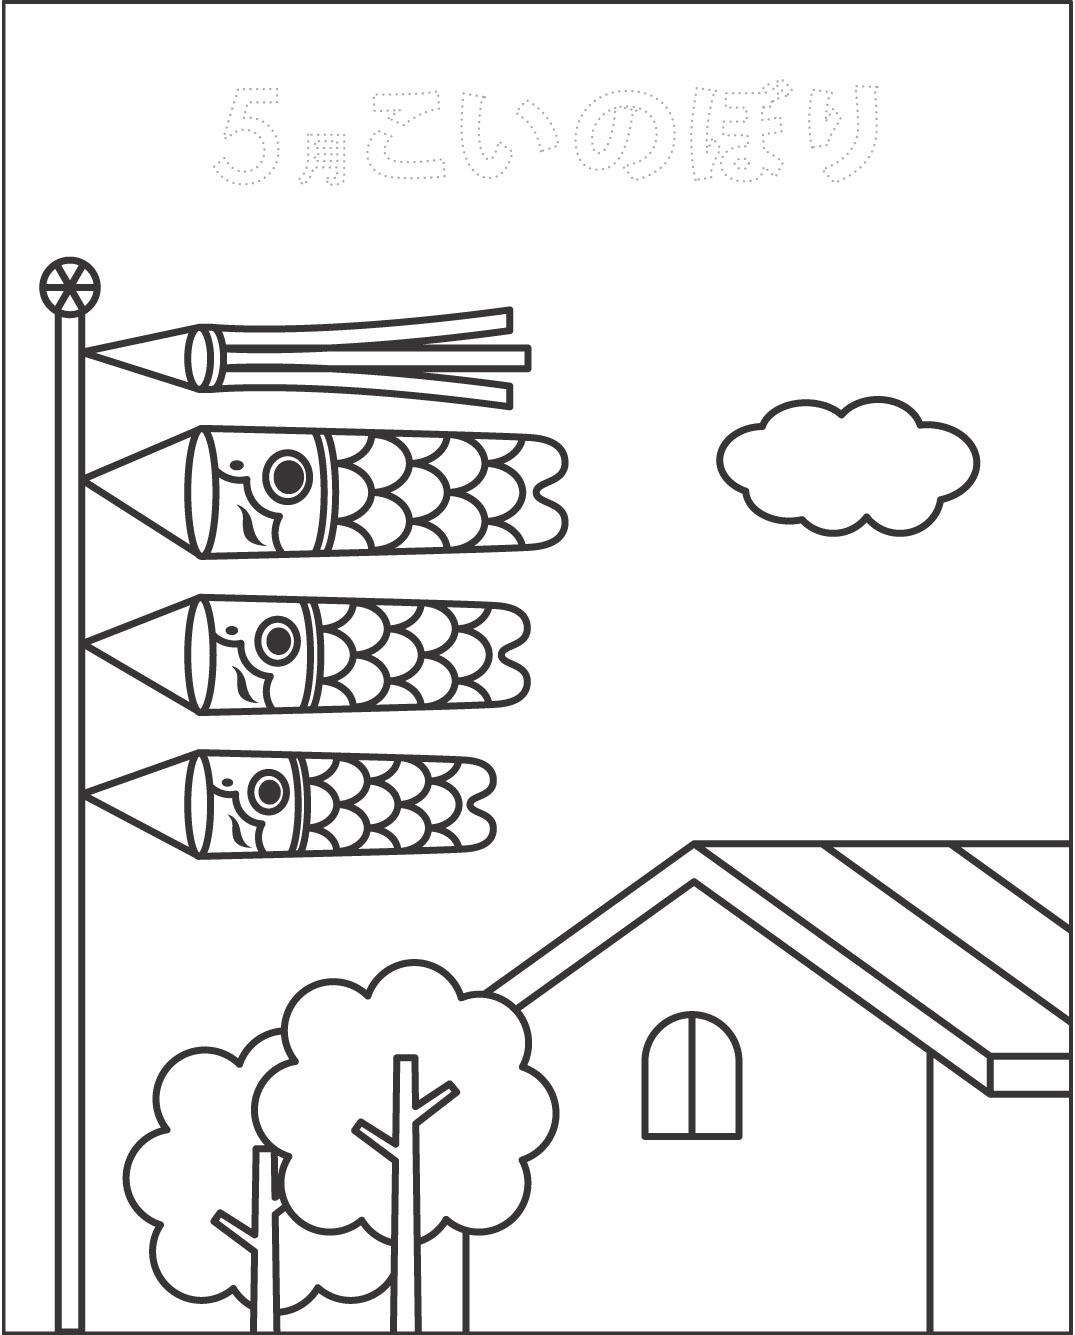 レク素材 5月こいのぼり 介護レク広場 レク素材やレクネタ 企画書 の無料ダウンロード